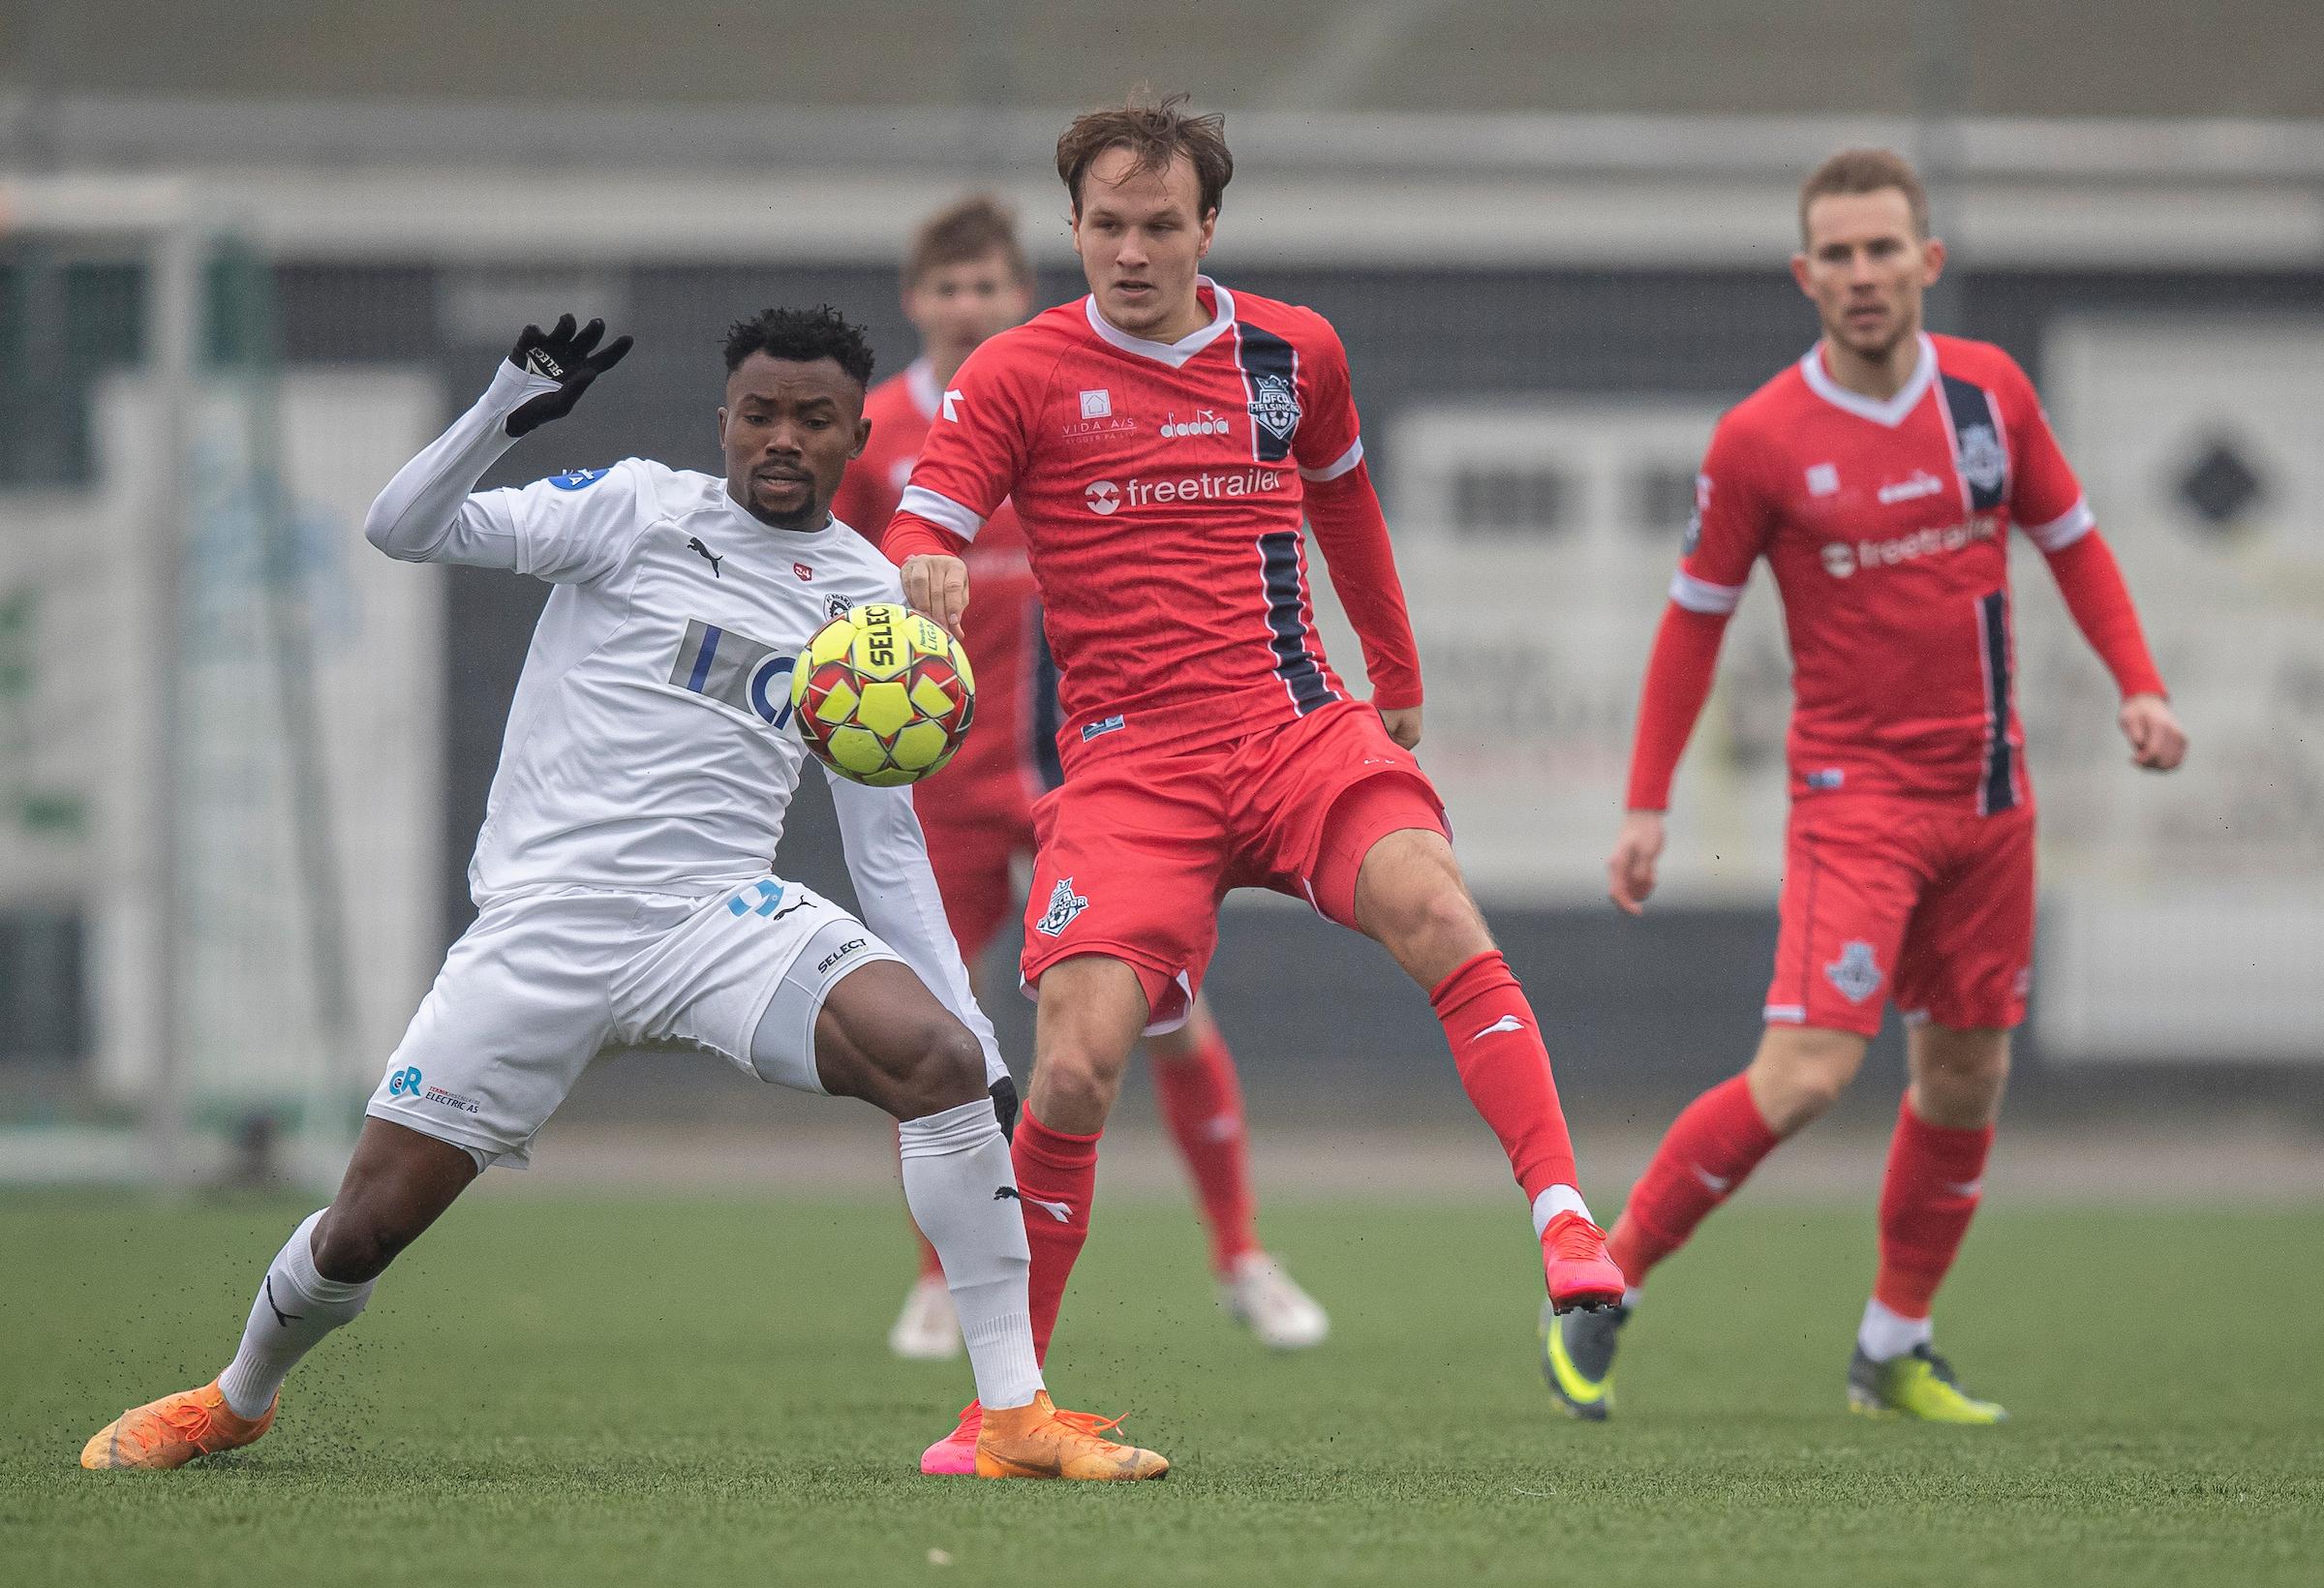 Monday Etim (FC Roskilde) og Frederik Bay (FC Helsingør) under træningskampen mellem FC Roskilde og FC Helsingør den 15. februar 2020 i Roskilde Idrætspark (Foto: Claus Birch).